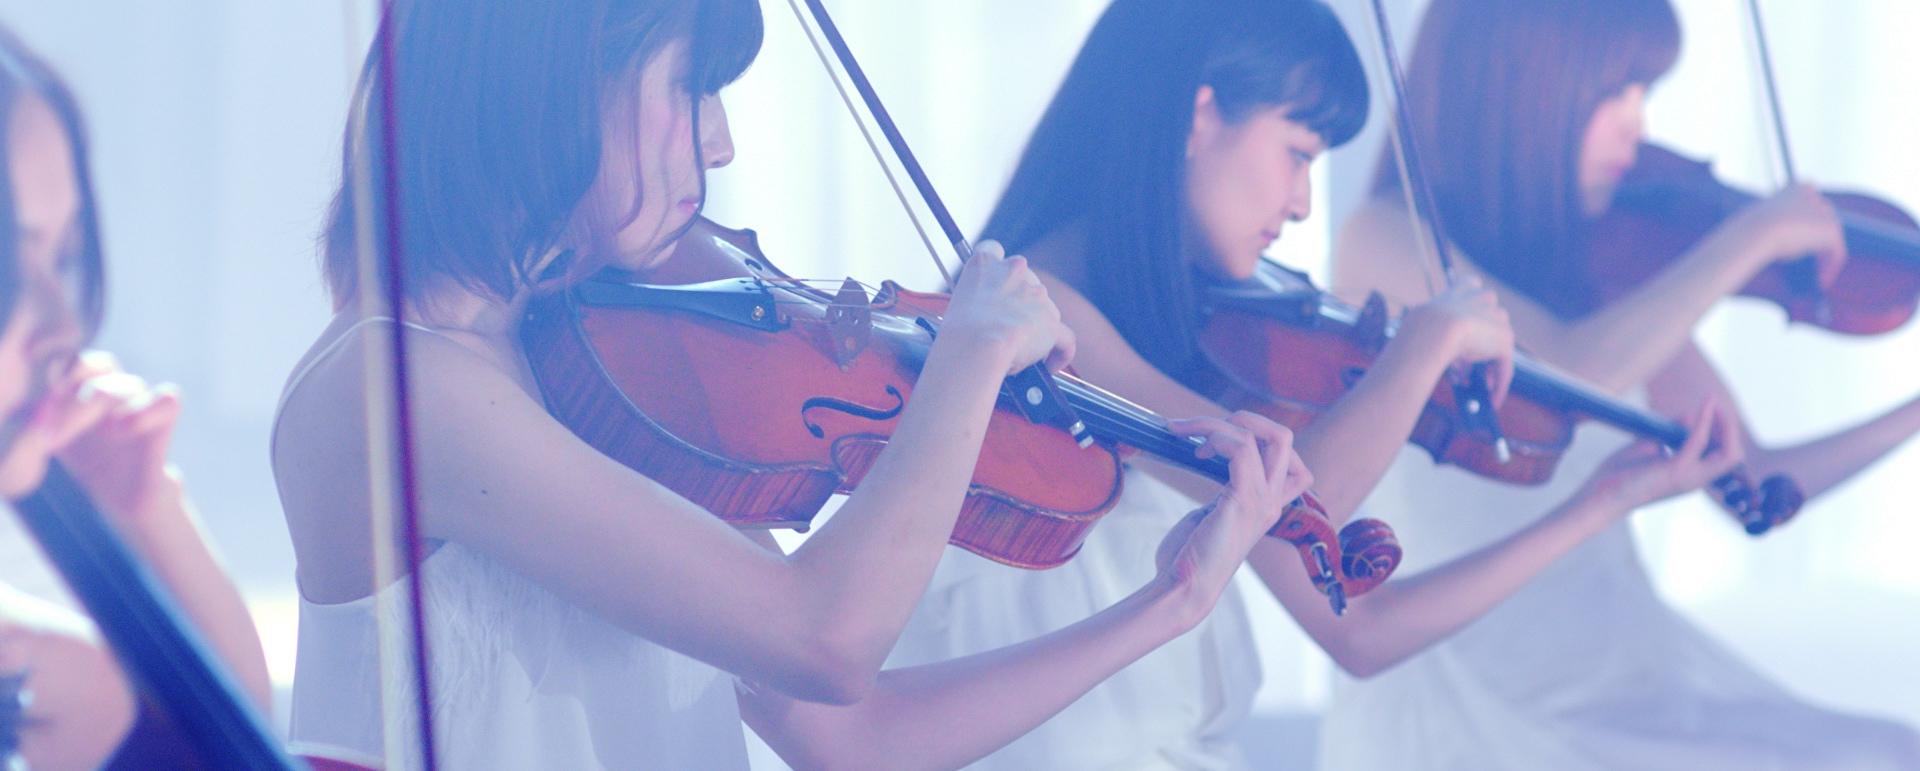 安室奈美恵さんのPV撮影に参加しました